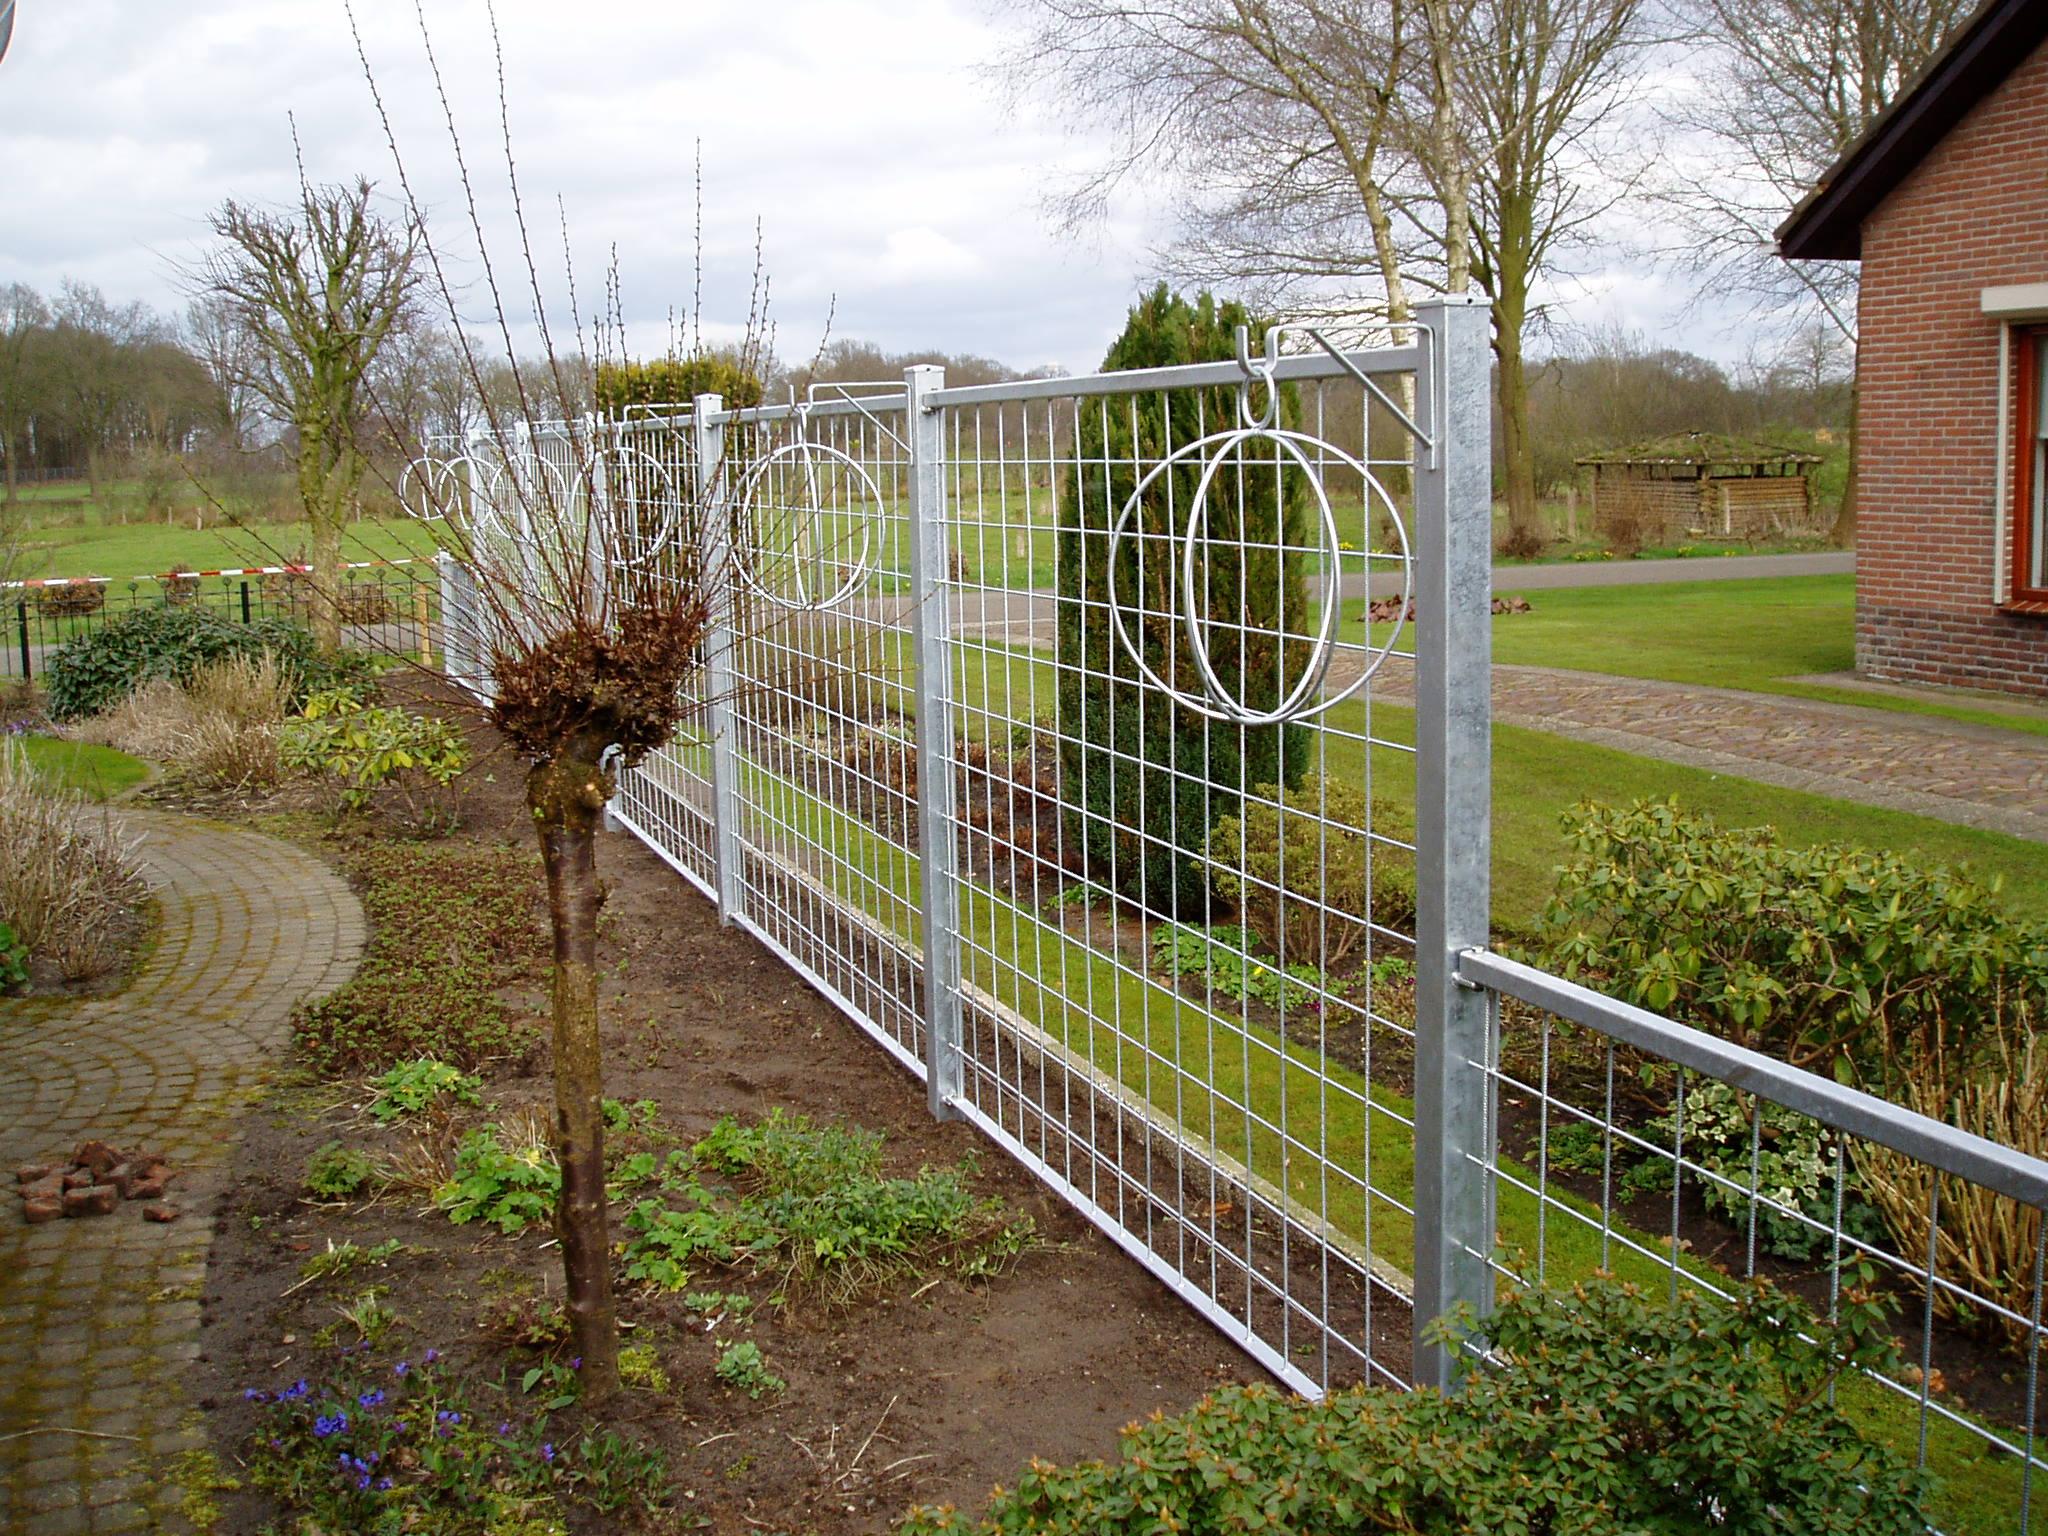 Metalen frame om klimplanten tegen aan te laten groeien for Tuin aan laten leggen